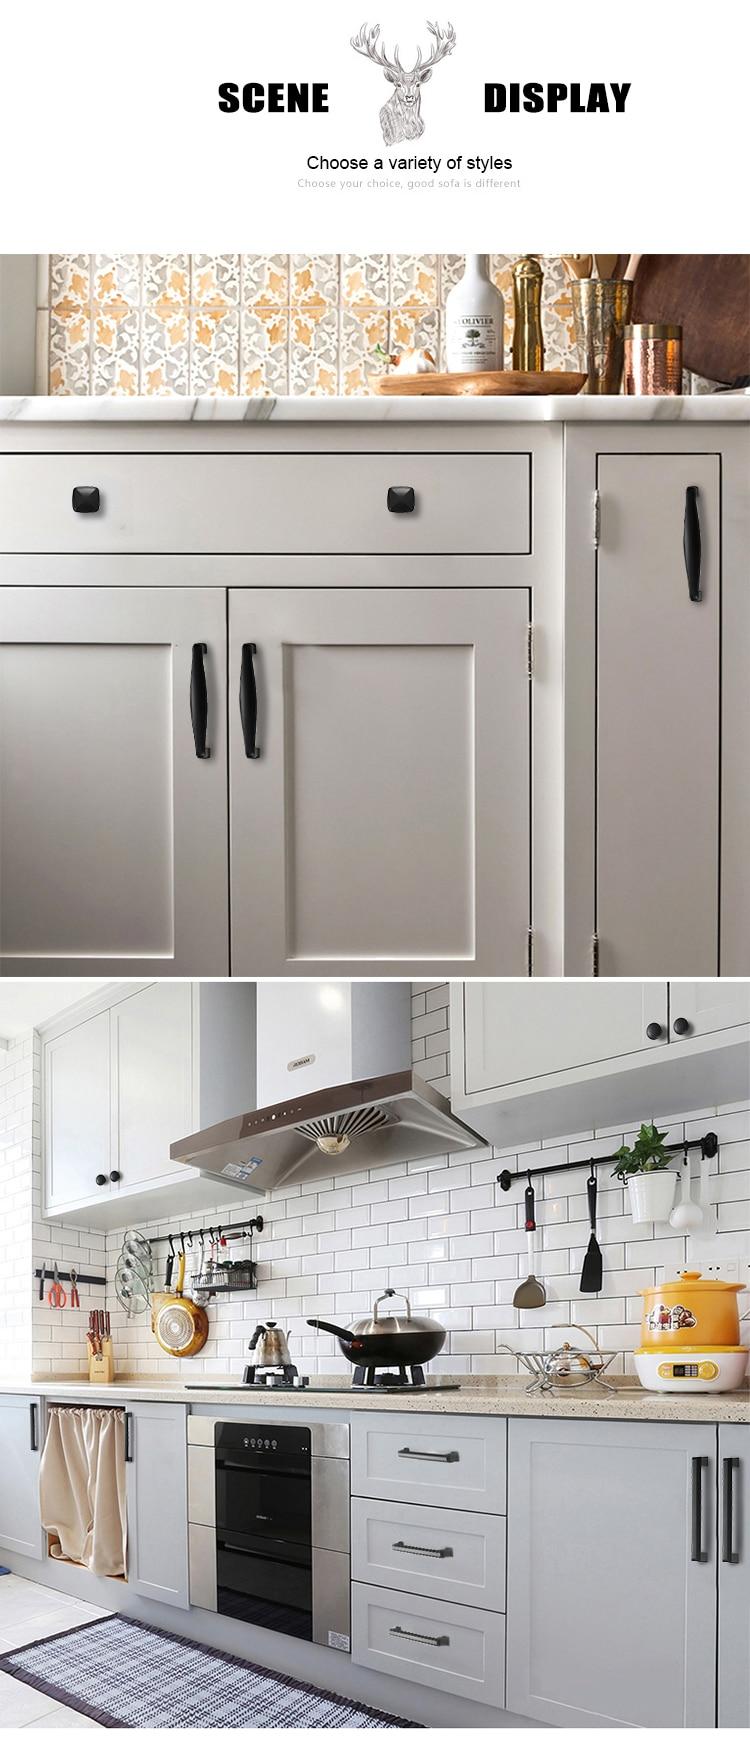 KAK американский стиль черный шкаф ручки цельный алюминиевый сплав кухонный шкаф ручки для выдвижных ящиков оборудование для обработки мебели